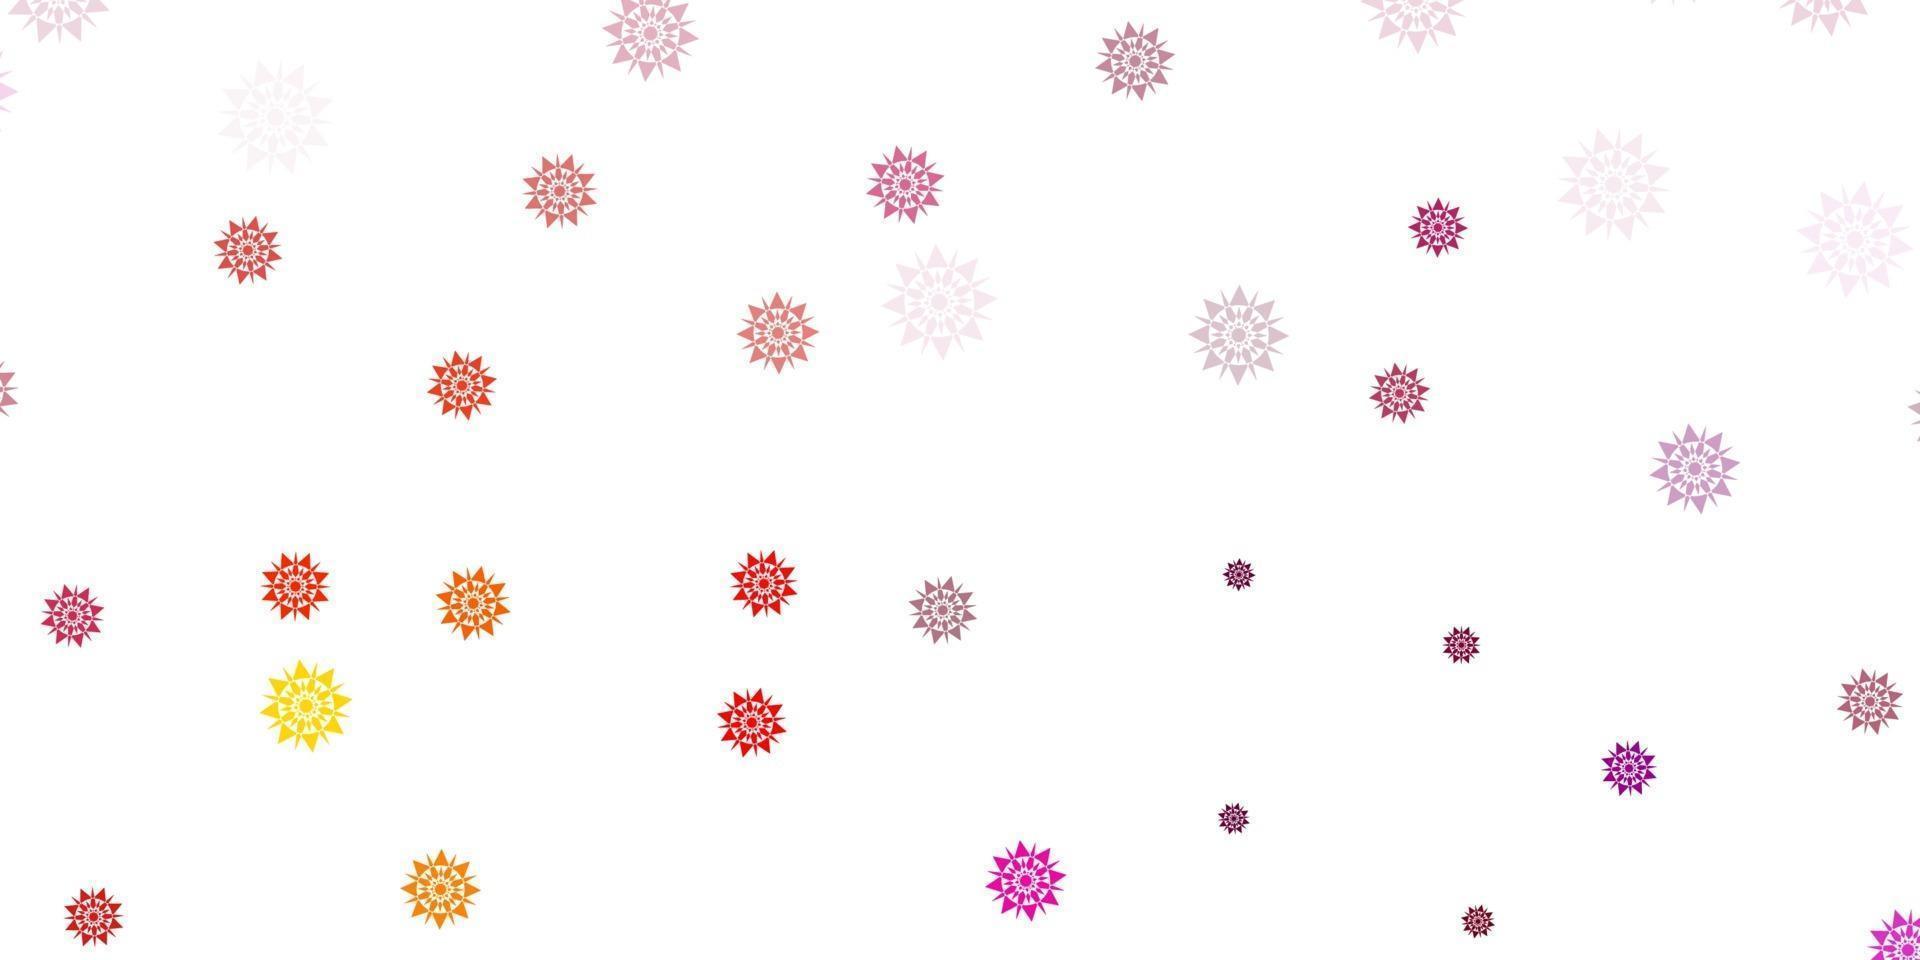 textura de vector de color rosa claro, amarillo con copos de nieve brillantes.